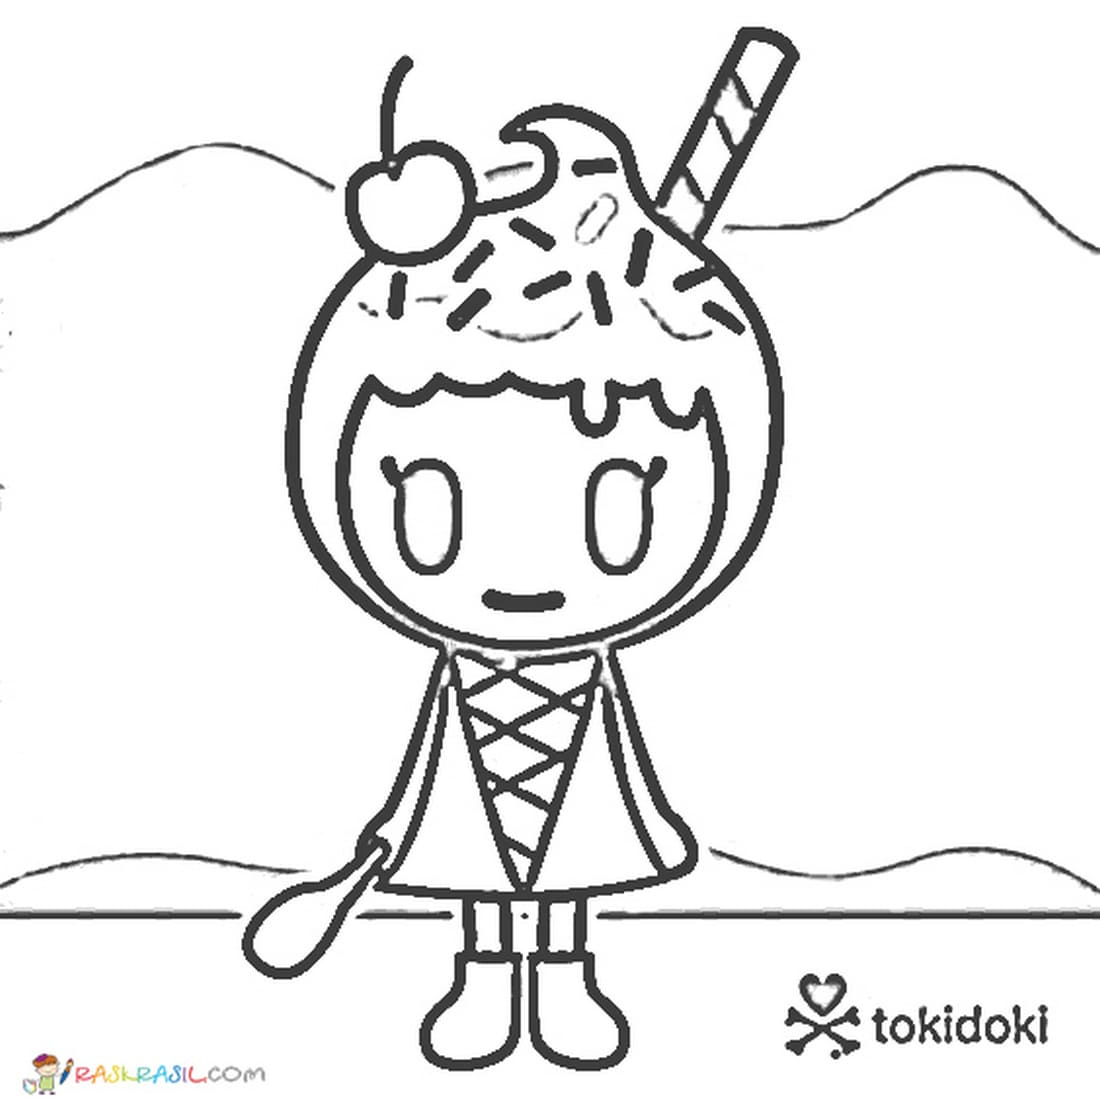 Tokidoki Ausmalbilder. Kostenlos drucken, 50 Bilder